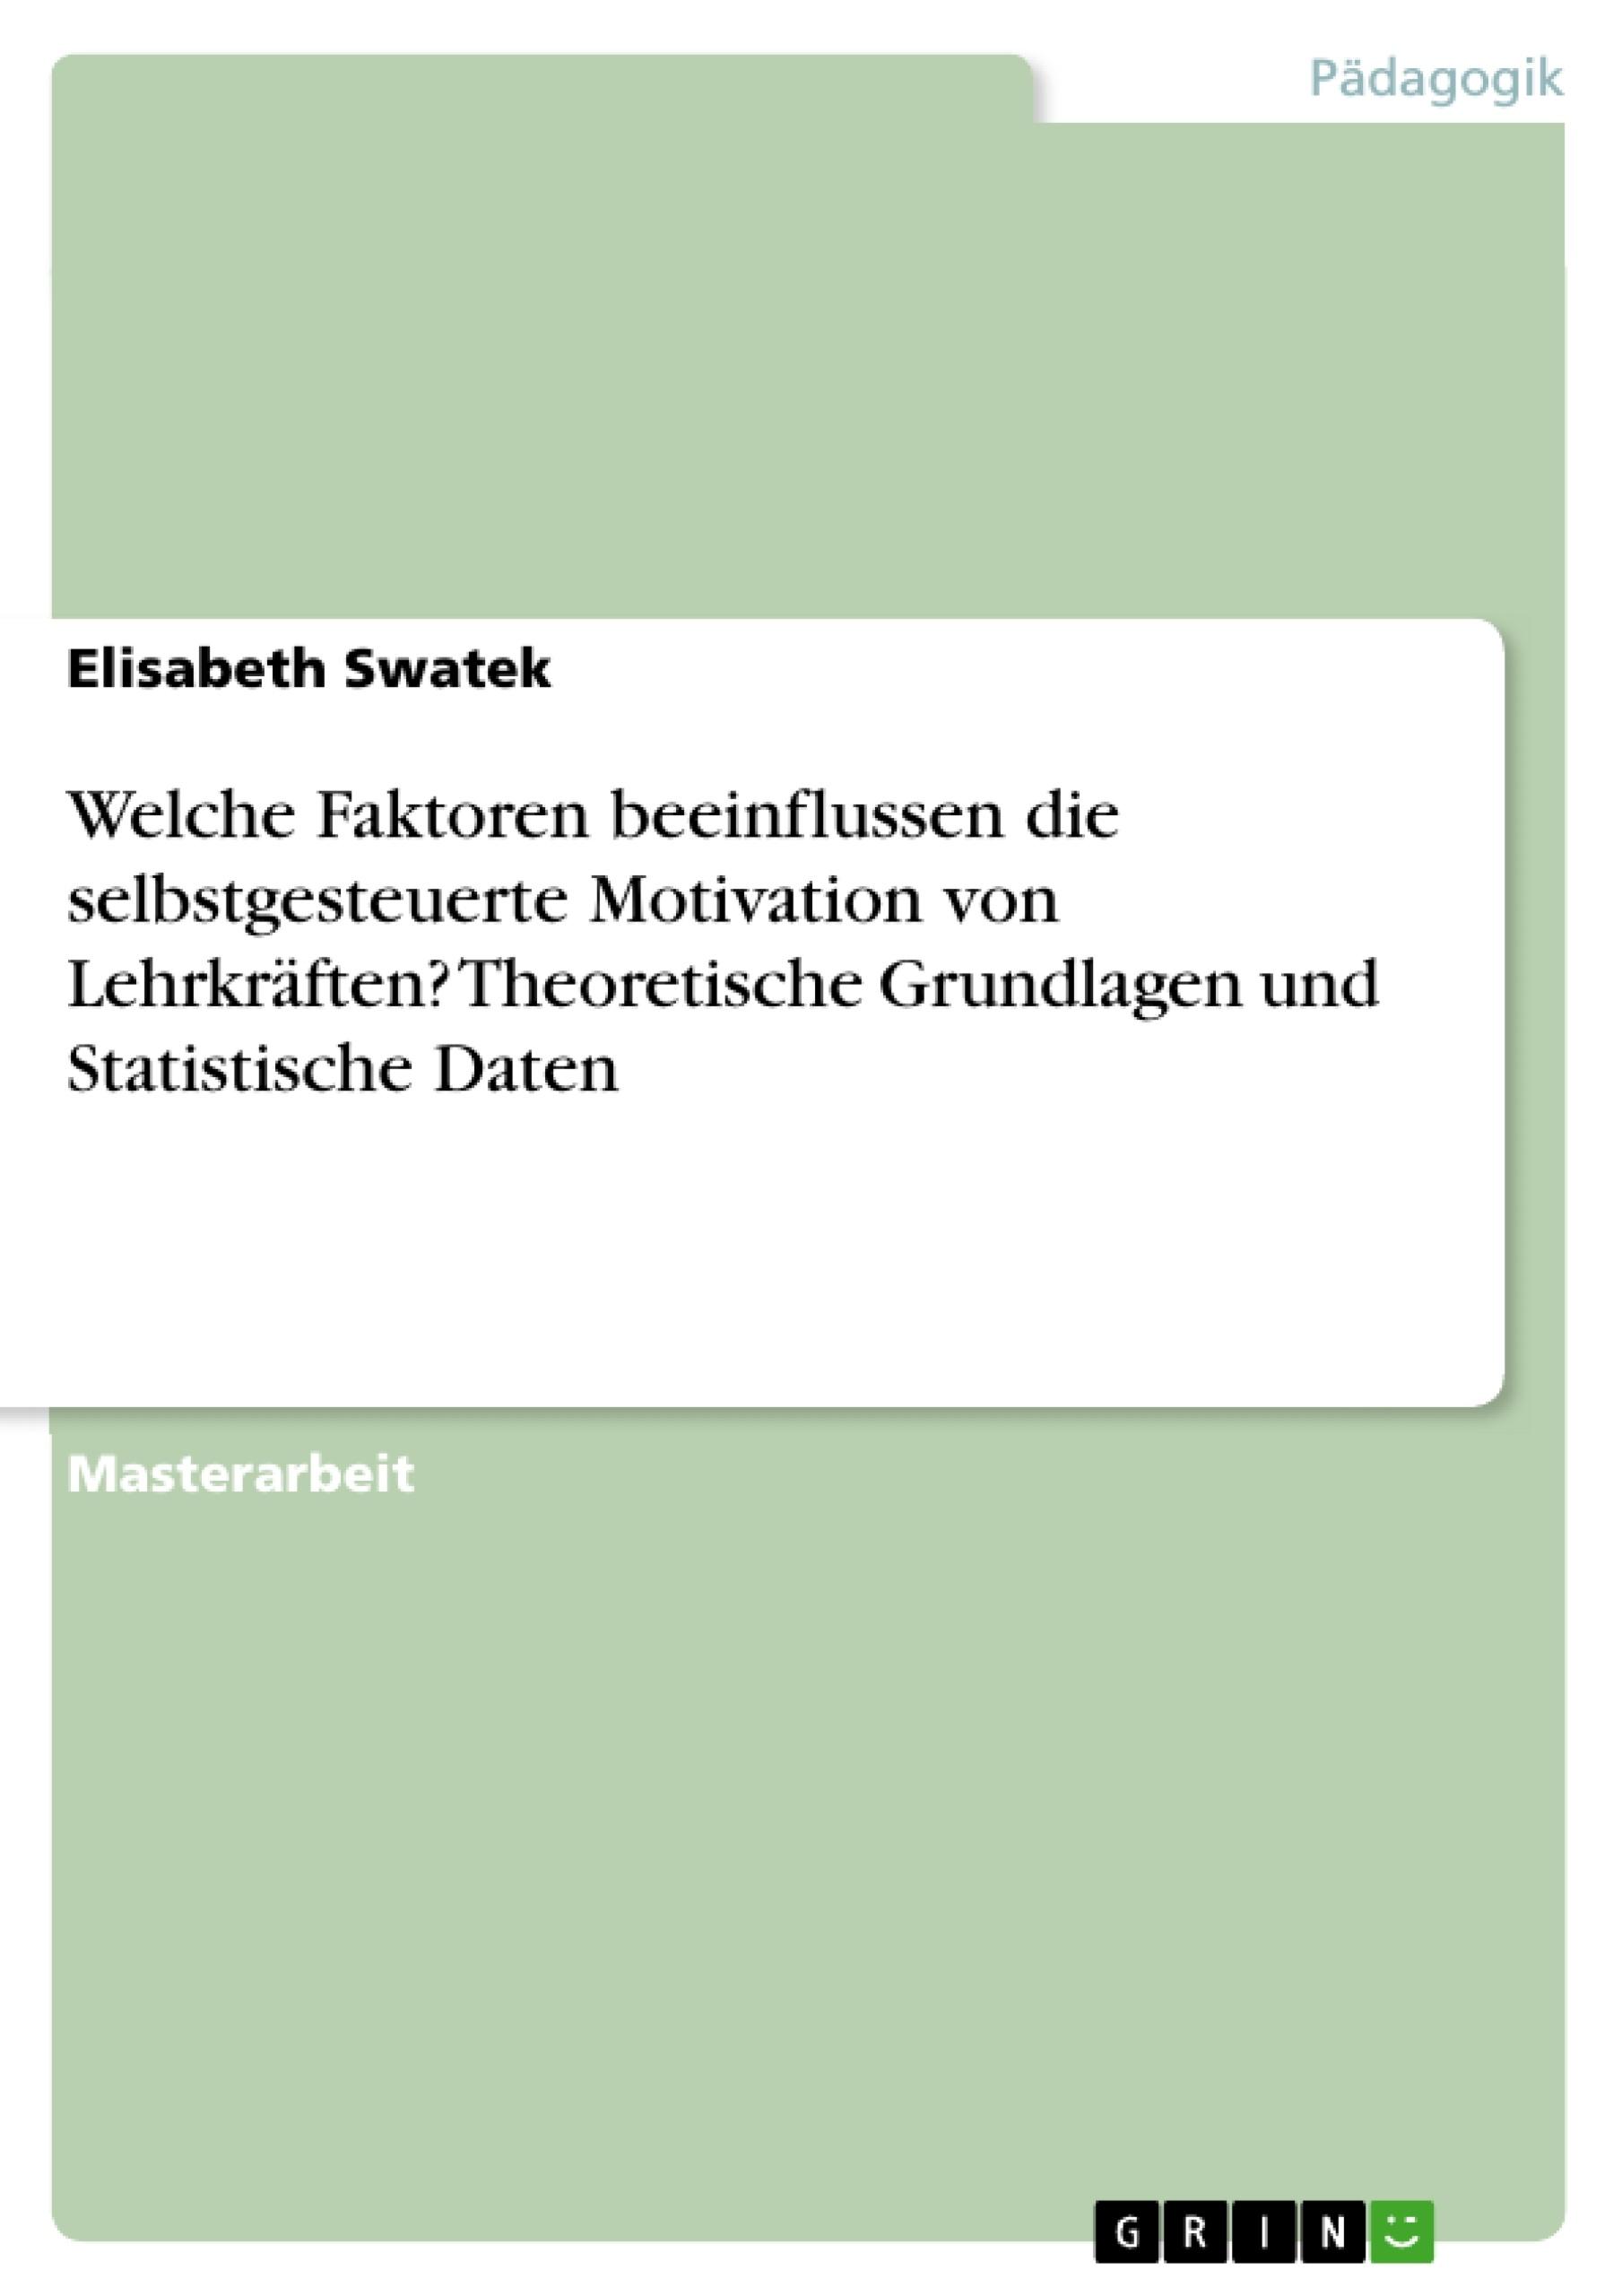 Welche Faktoren beeinflussen die selbstgesteuerte Motivation von ...